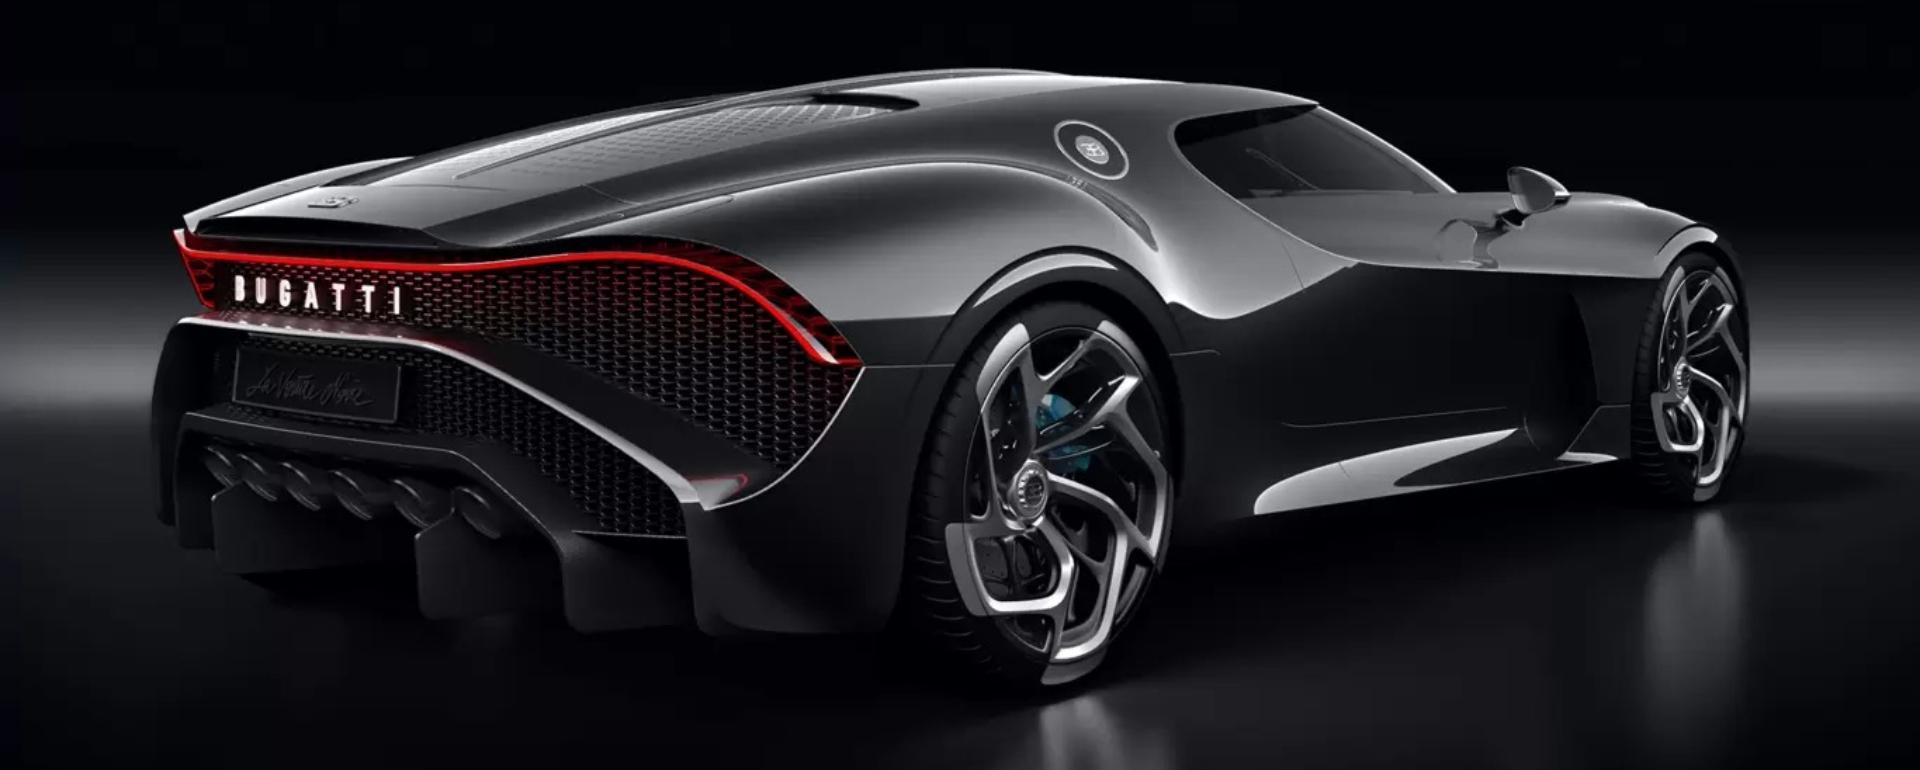 Este Bugatti es el auto más caro del mundo: ¿Cuánto cuesta?